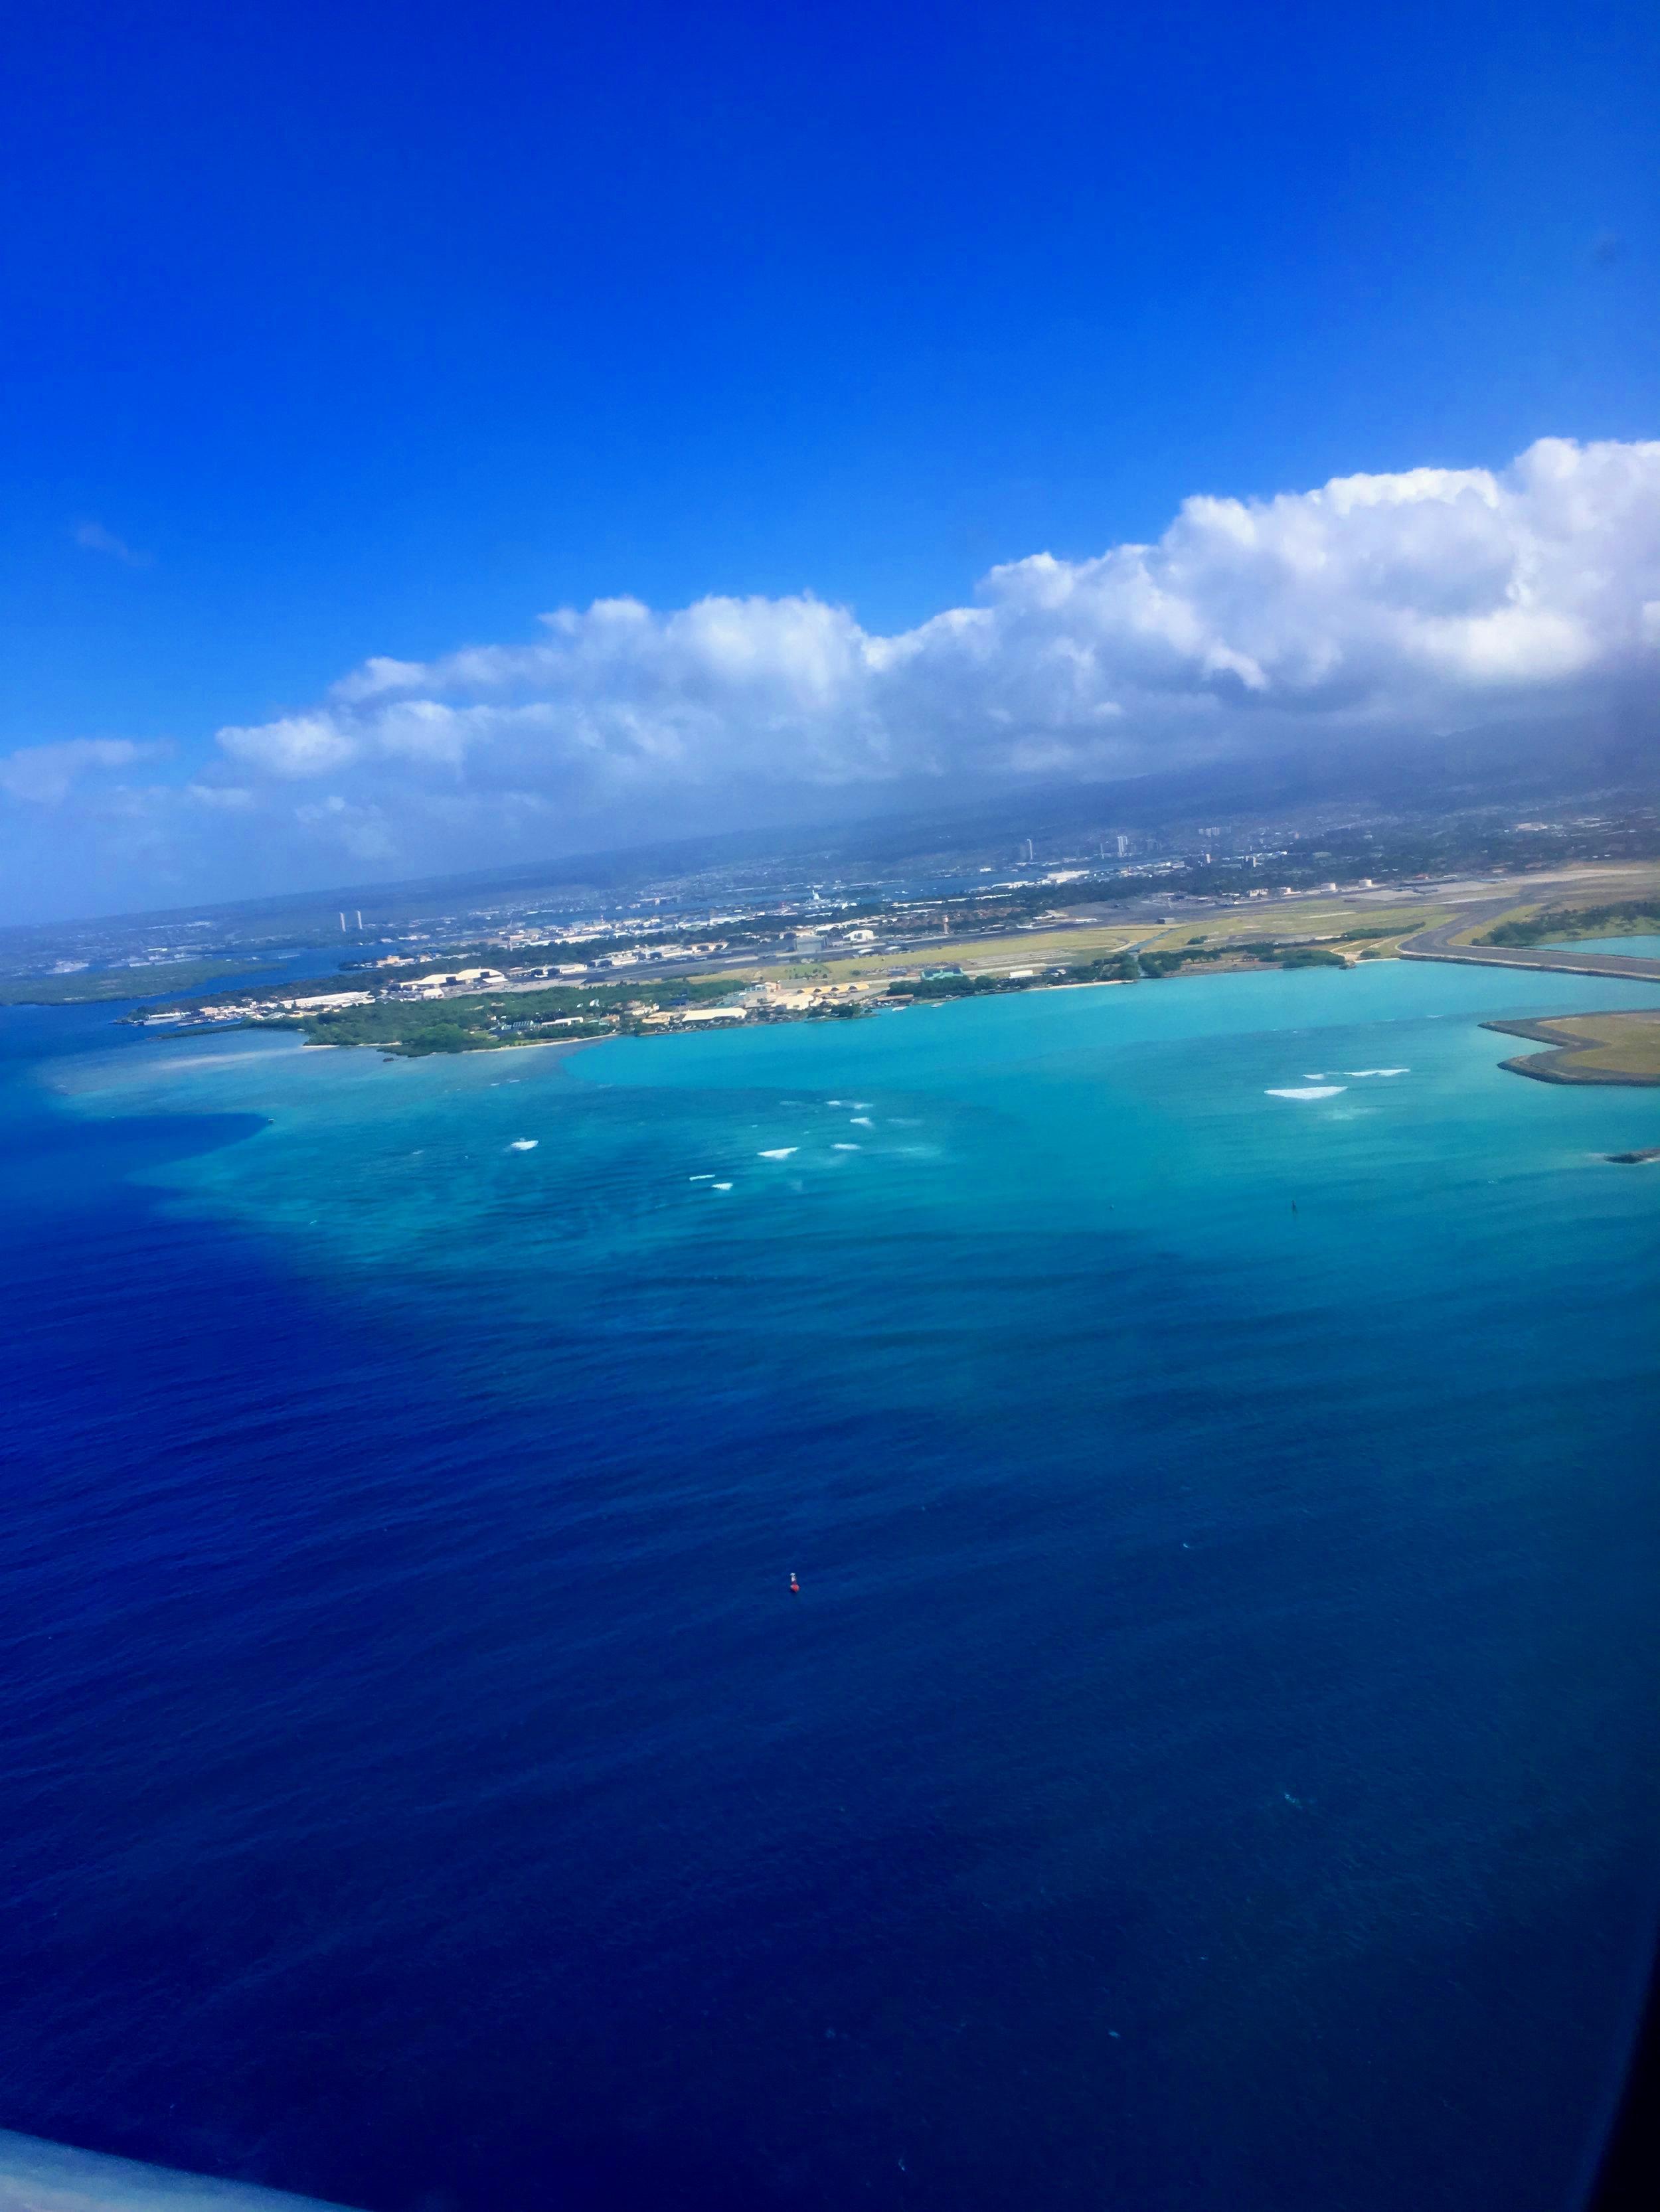 FLYING OVER PANAMA